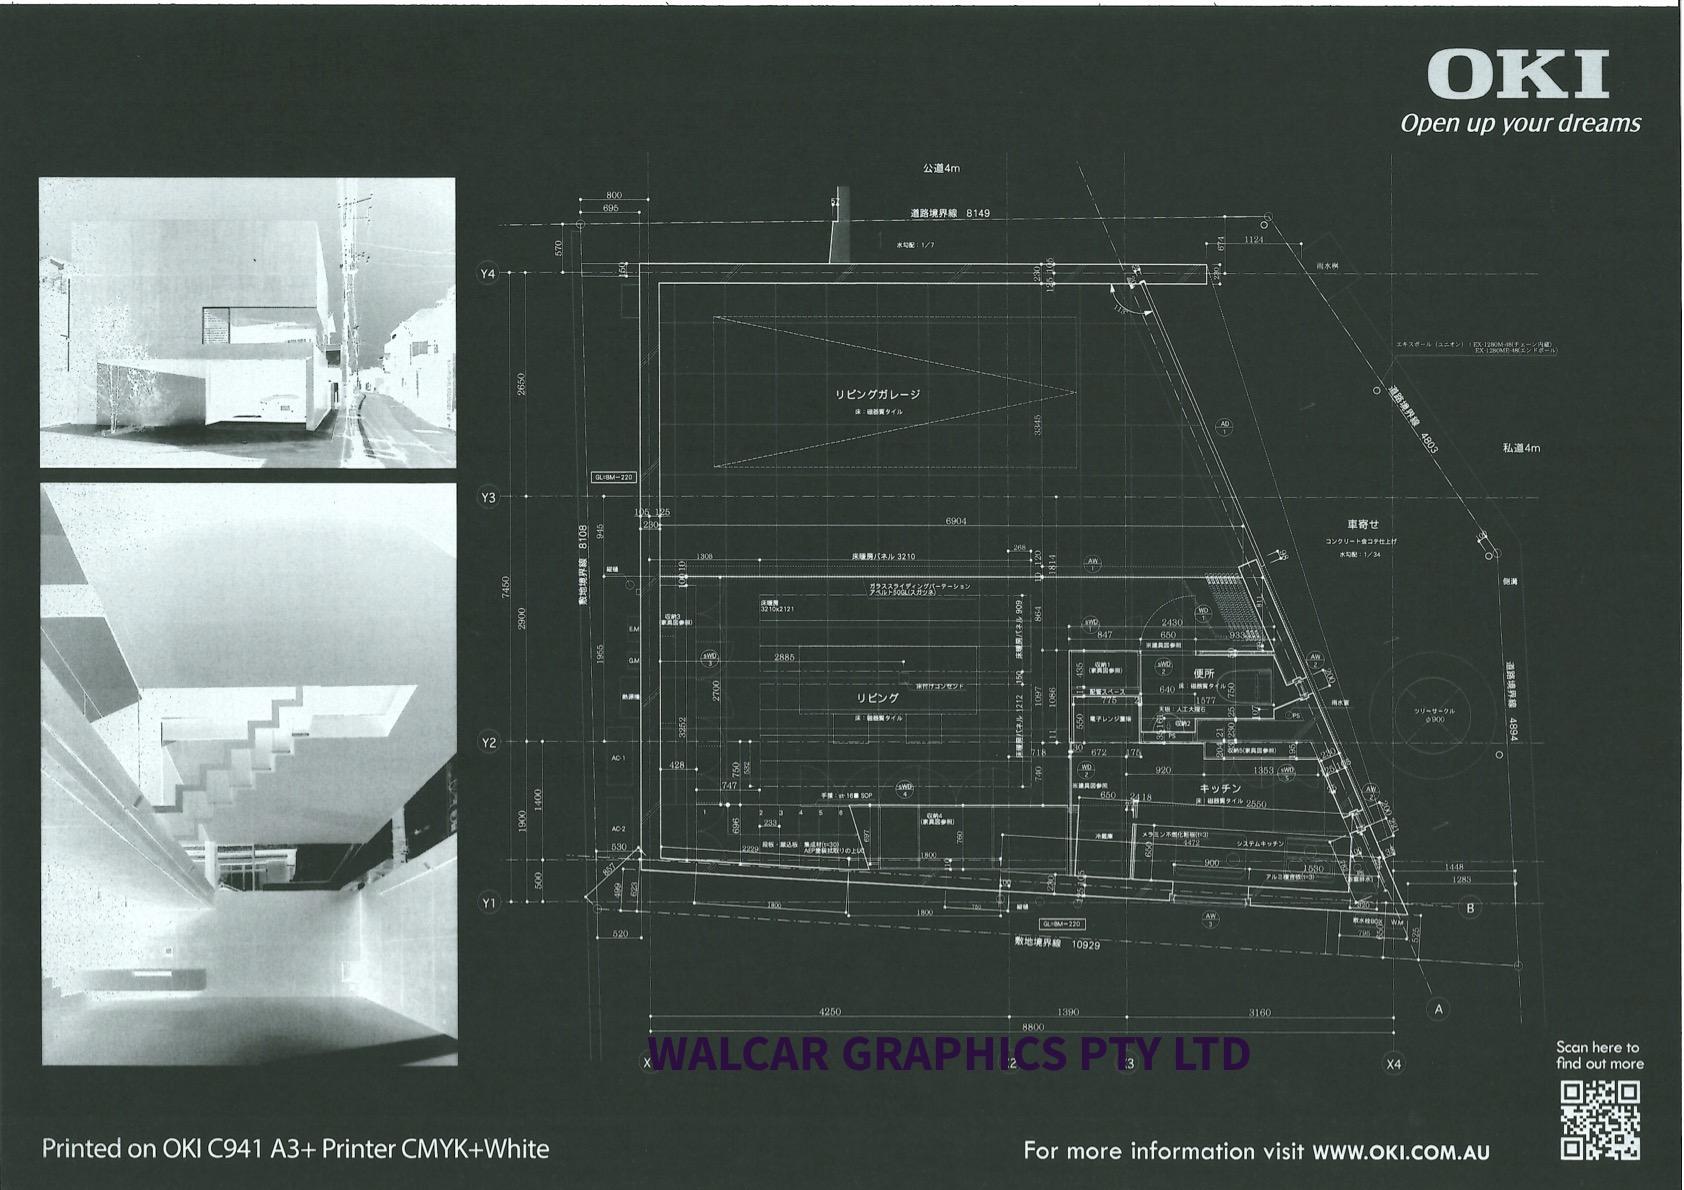 OKI Pro9541 Drawing Plan Sample.jpeg